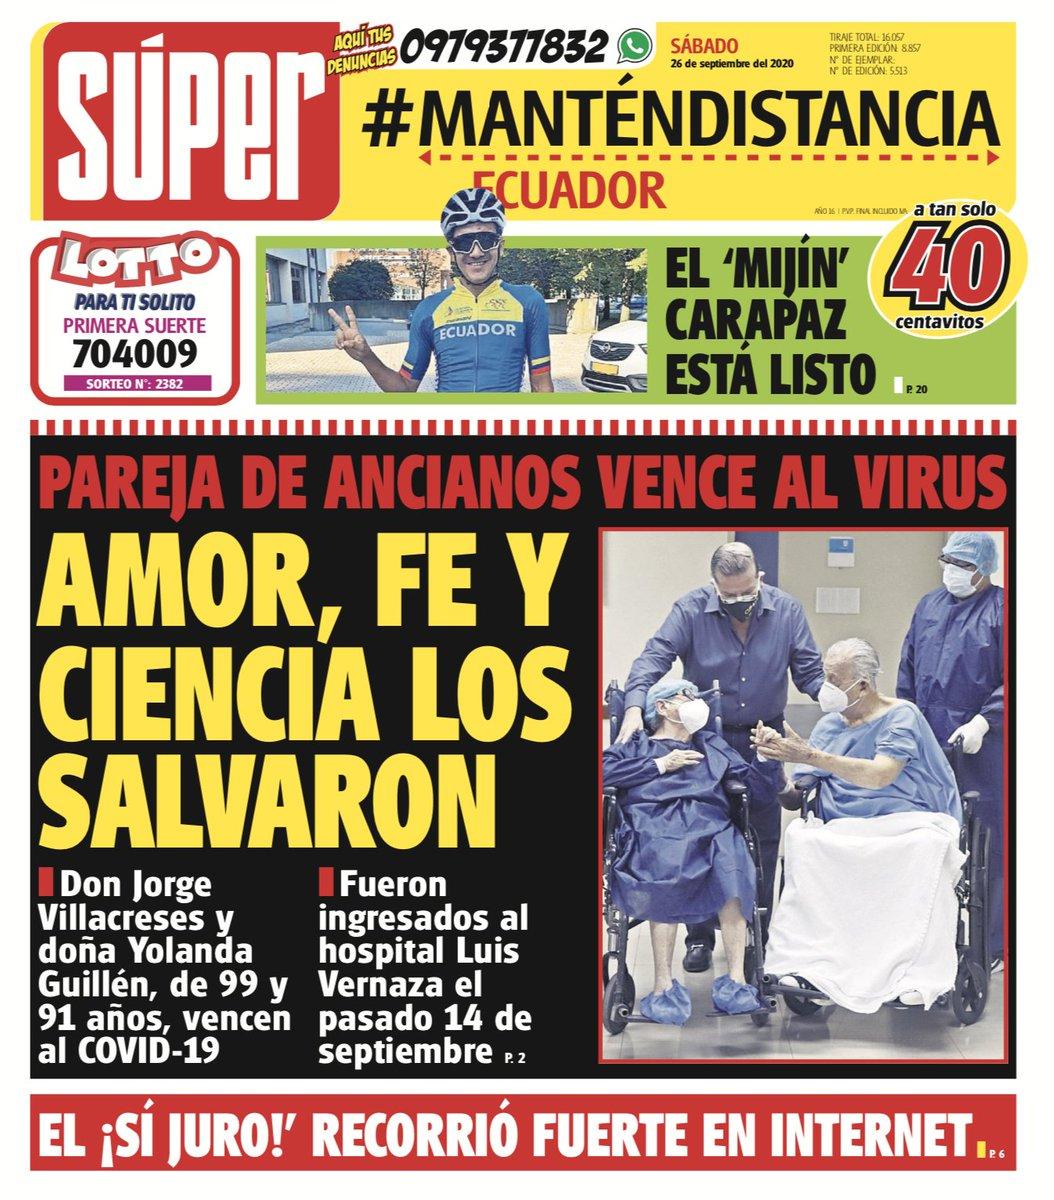 #FelizSábado | Les compartimos la portada de hoy, 25 de septiembre de 2020, en nuestra edición #Ecuador 📰  #ManténDistancia  #LasNuevas #Show #Cancha #PlanetaLoco #MiFamilia #DiarioSúper #Guayaquil #Quito #Ecuador https://t.co/LQn15LHOUd